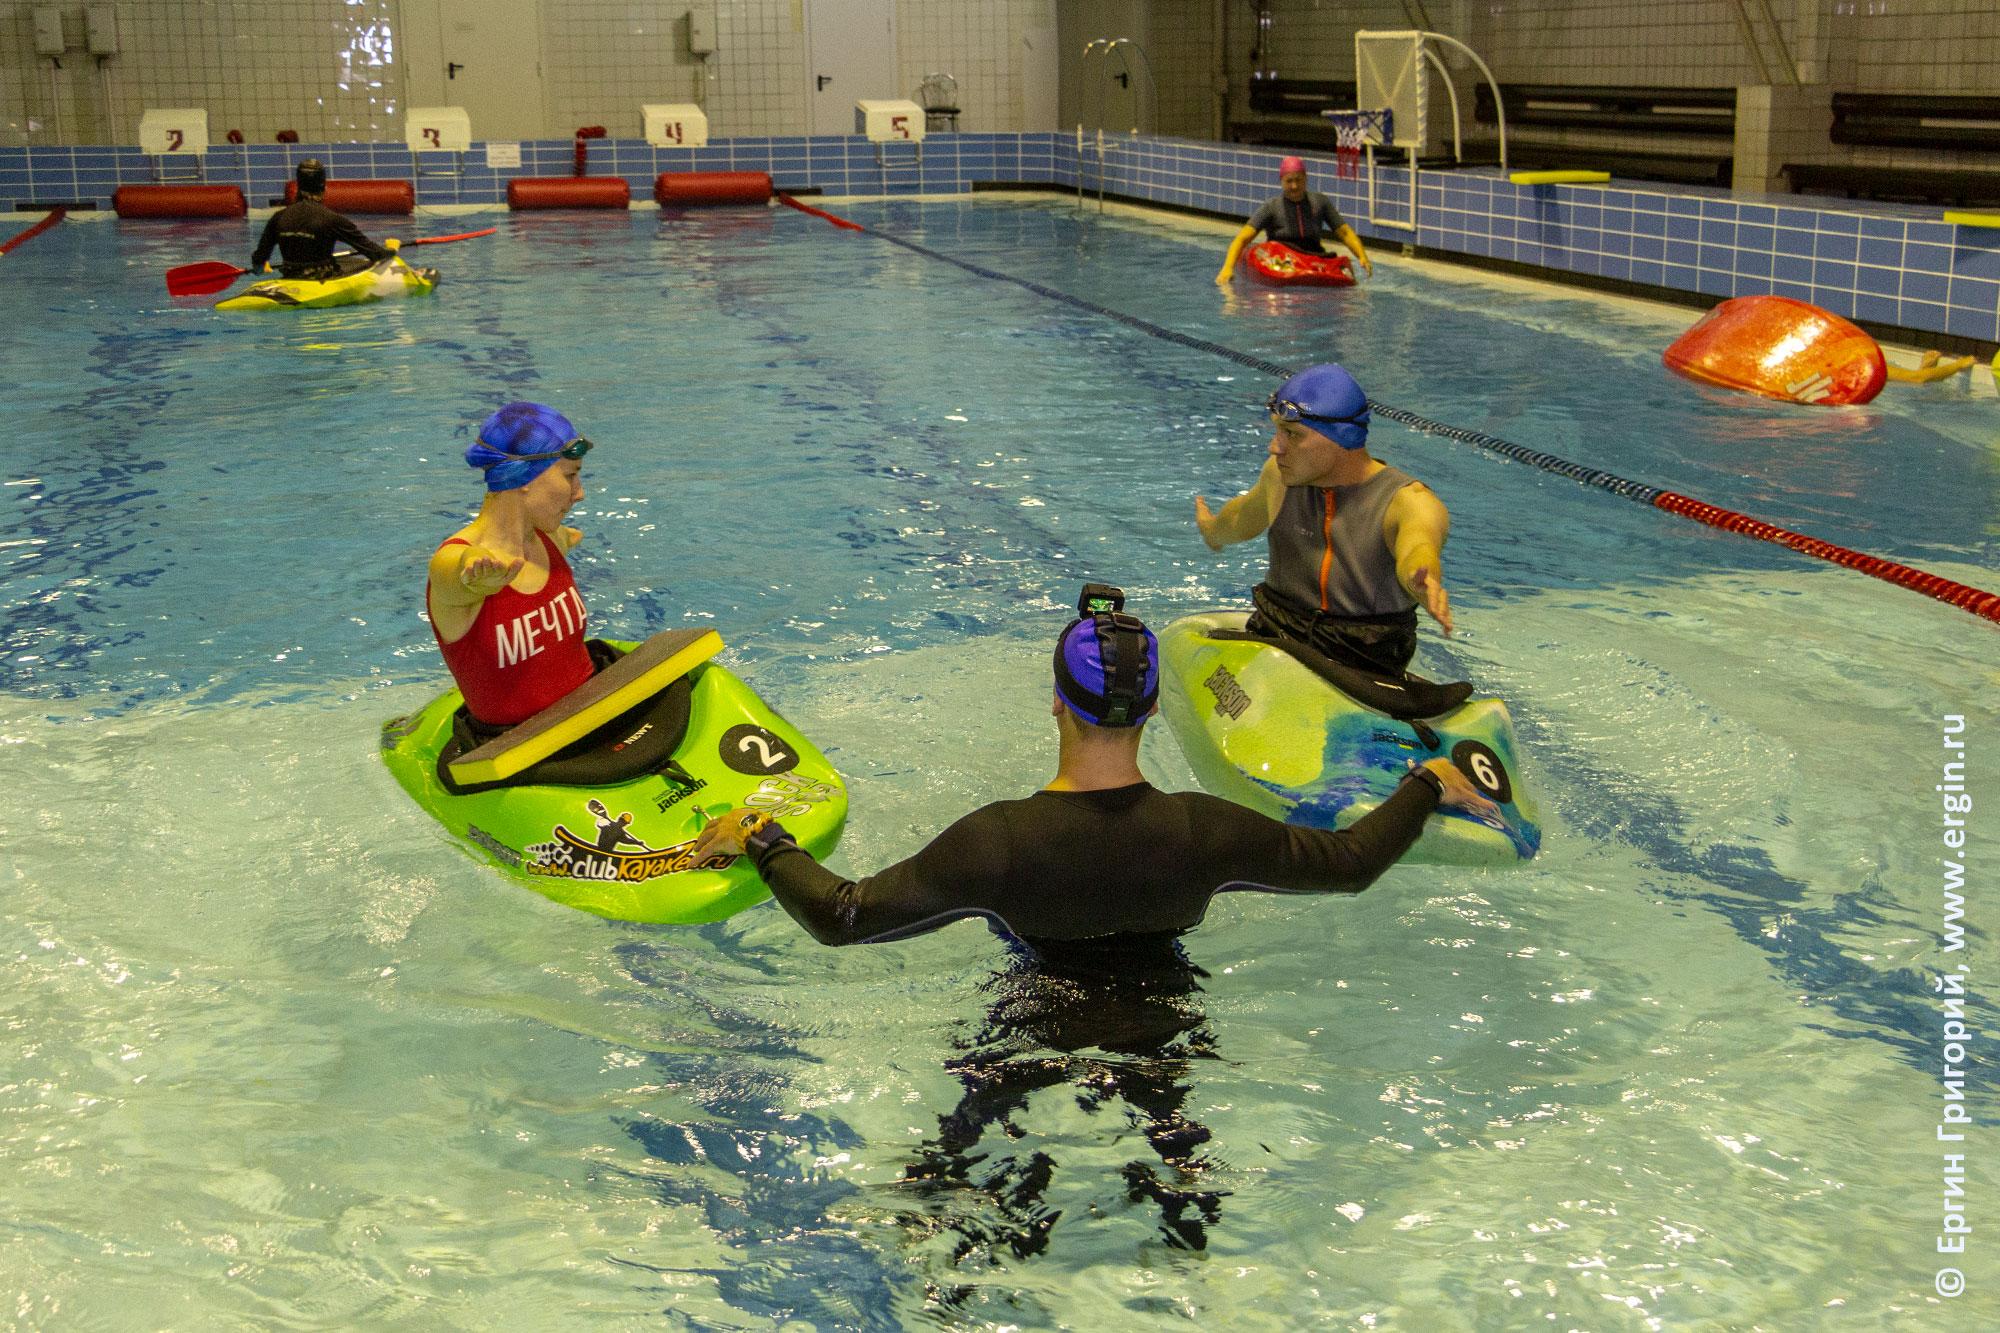 Начальные упражнения для обучения эскимосскому перевороту